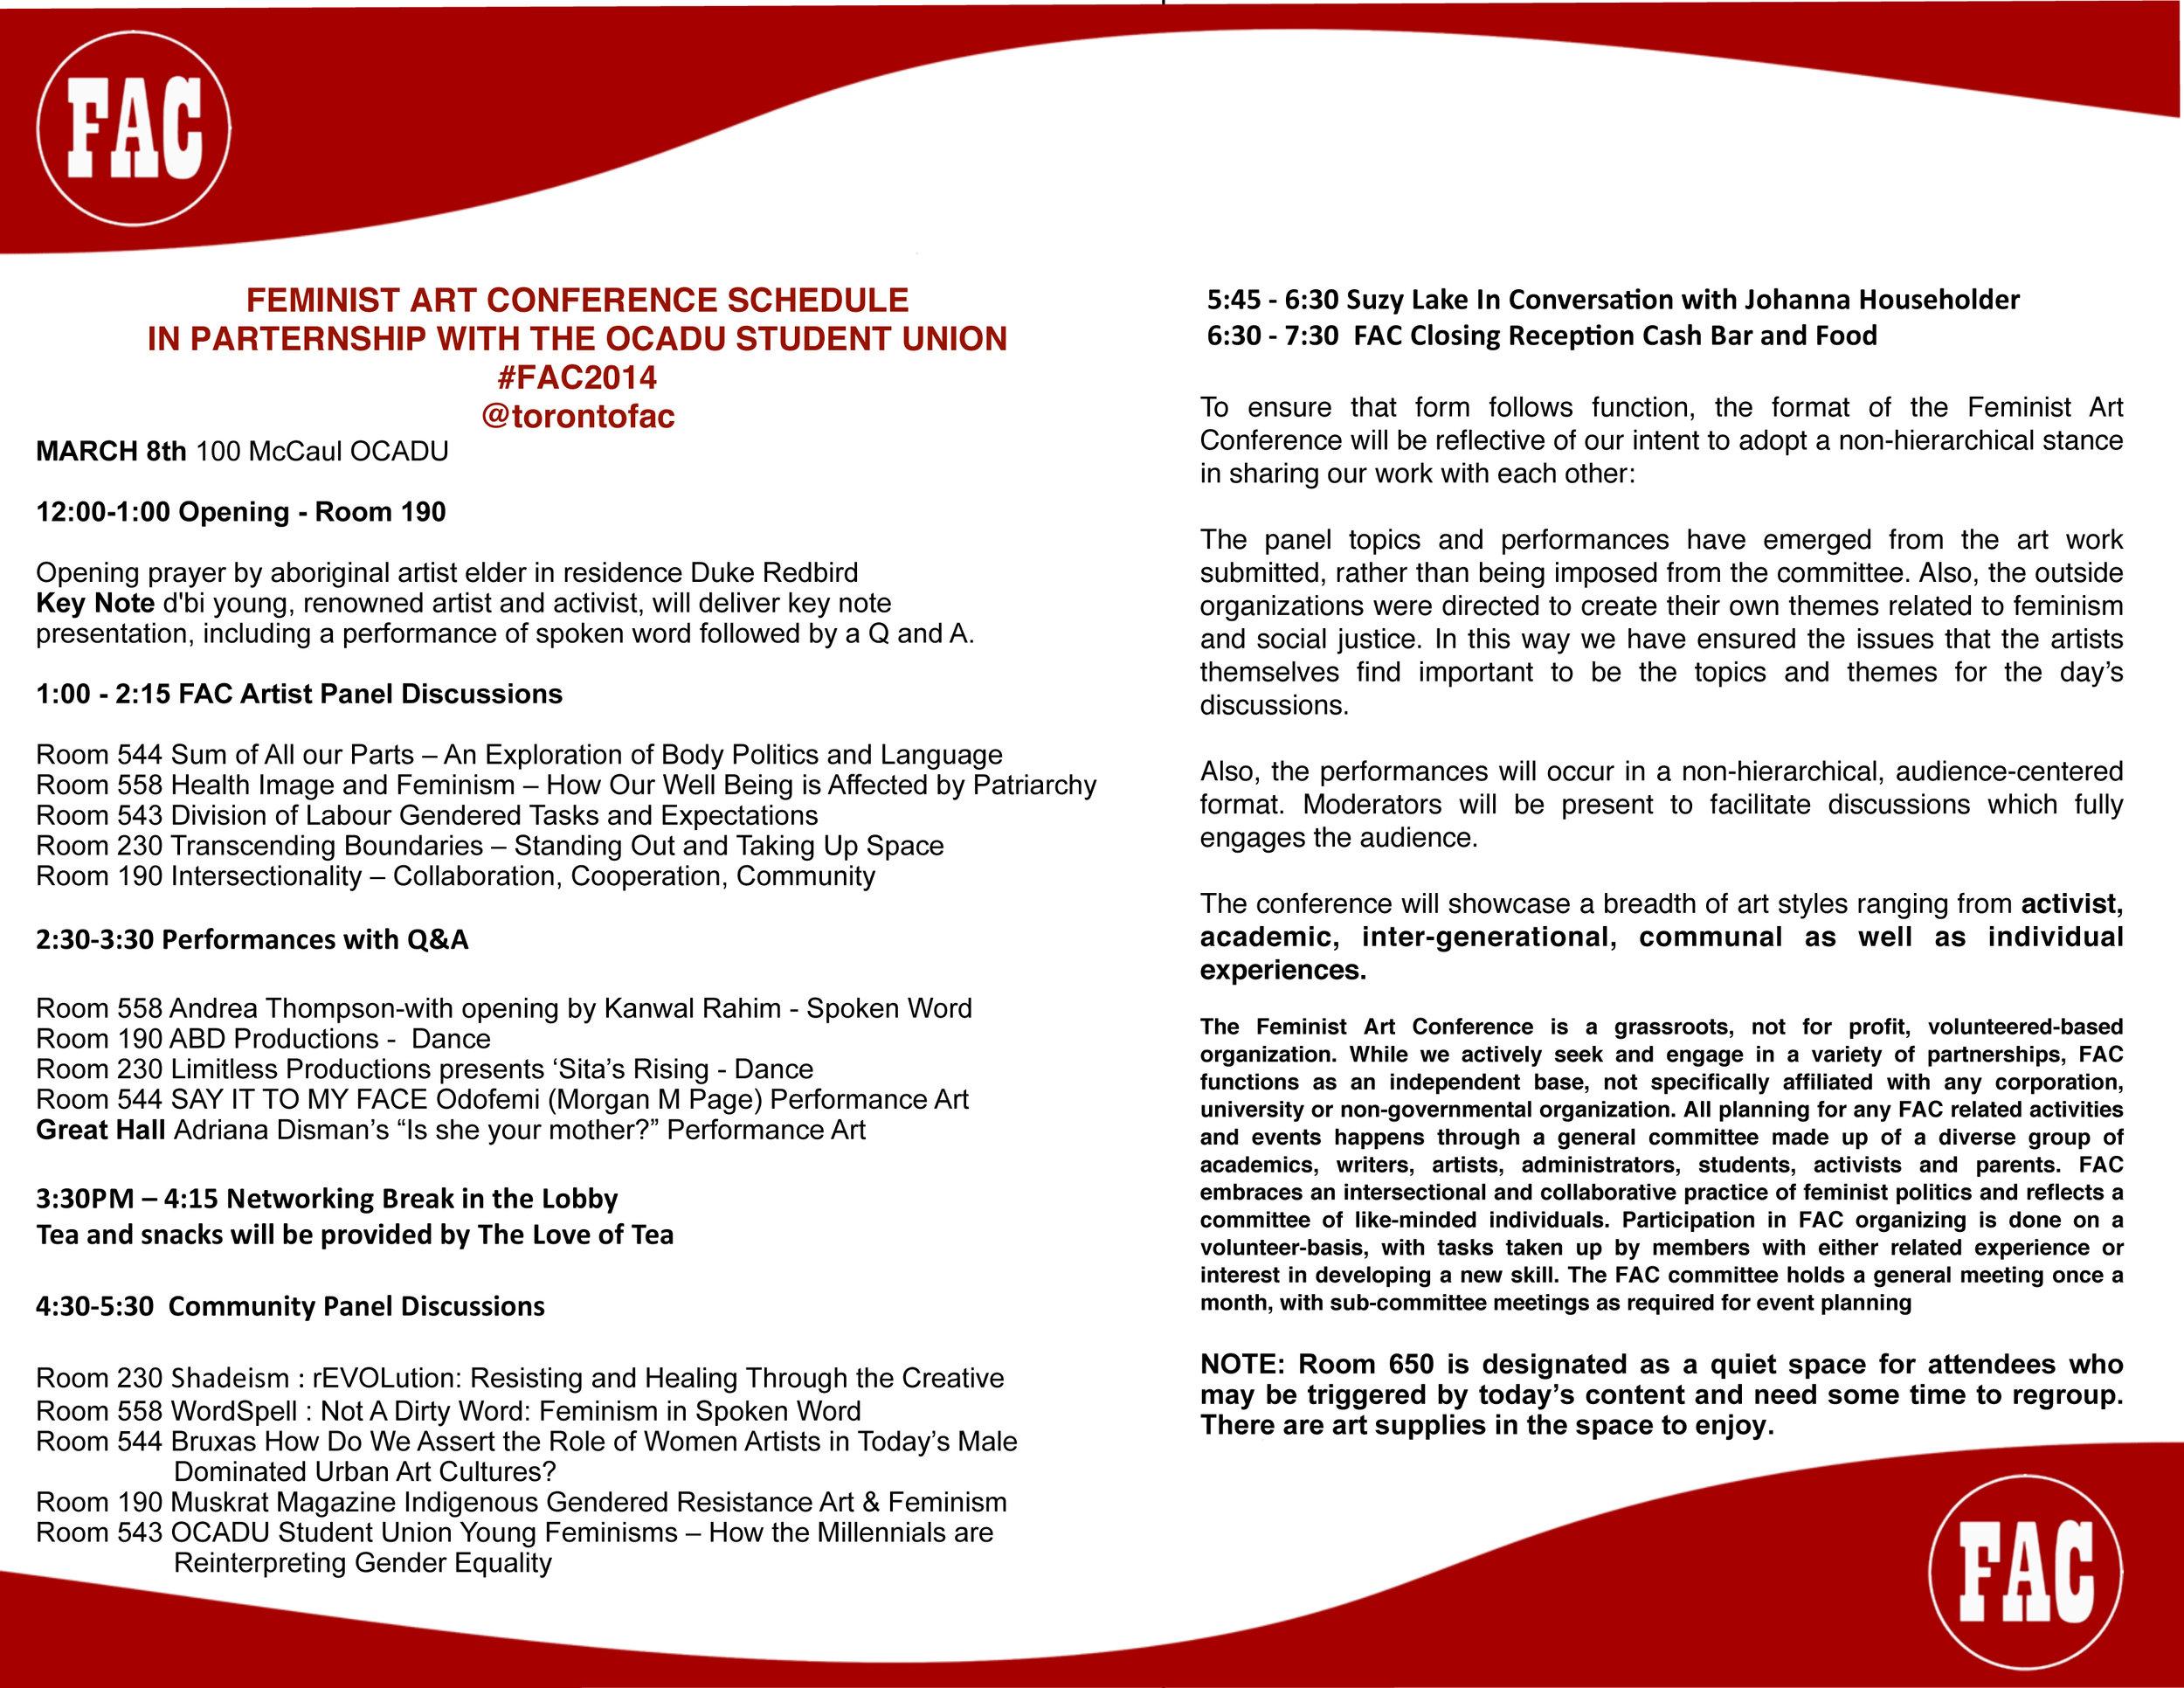 FAC 2014 Schedule Page 2.jpg